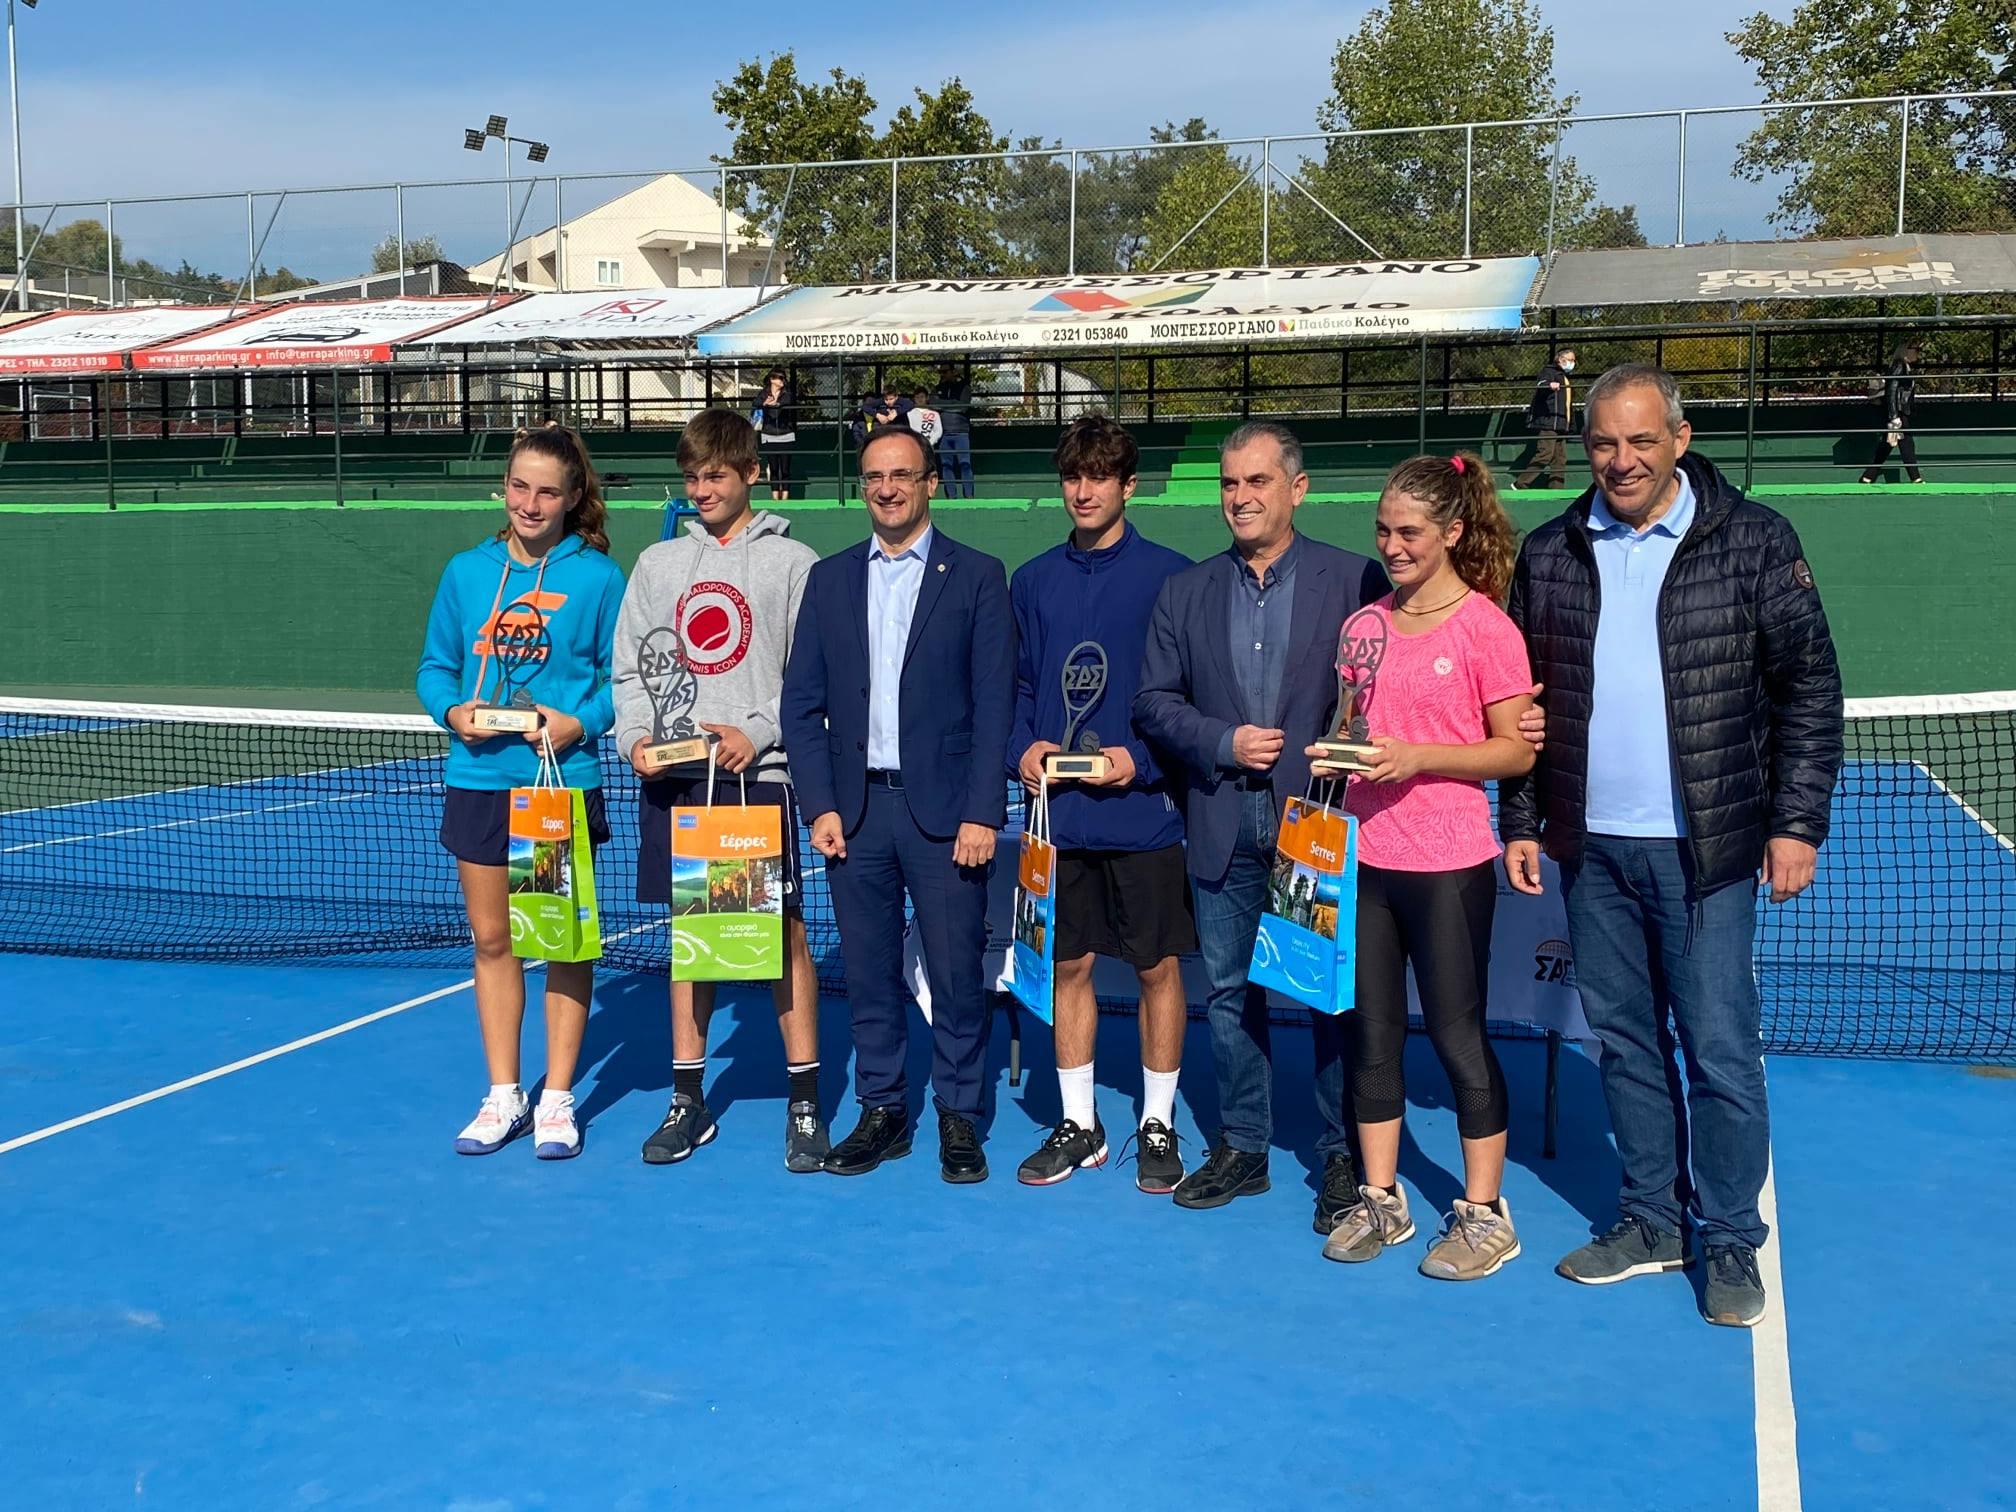 Σέρρες: Με γαλανόλευκο χρώμα τα μετάλλια στο Ευρωπαϊκό τουρνουά τένις